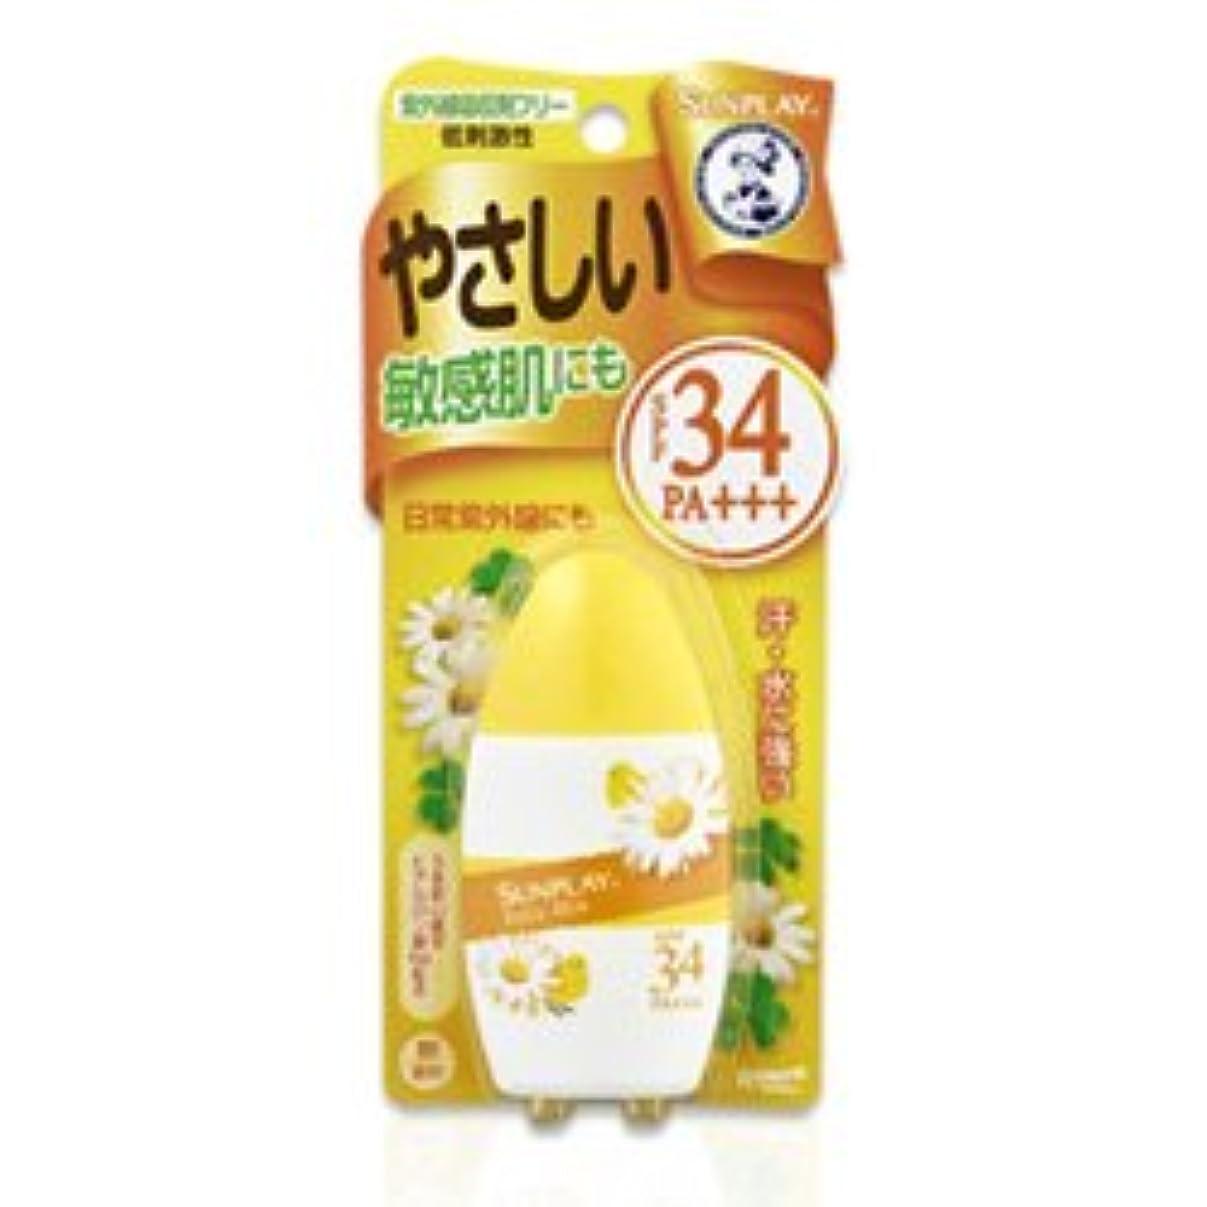 安定した同封する有害【ロート製薬】メンソレータム サンプレイ ベビーミルク 30g ×3個セット